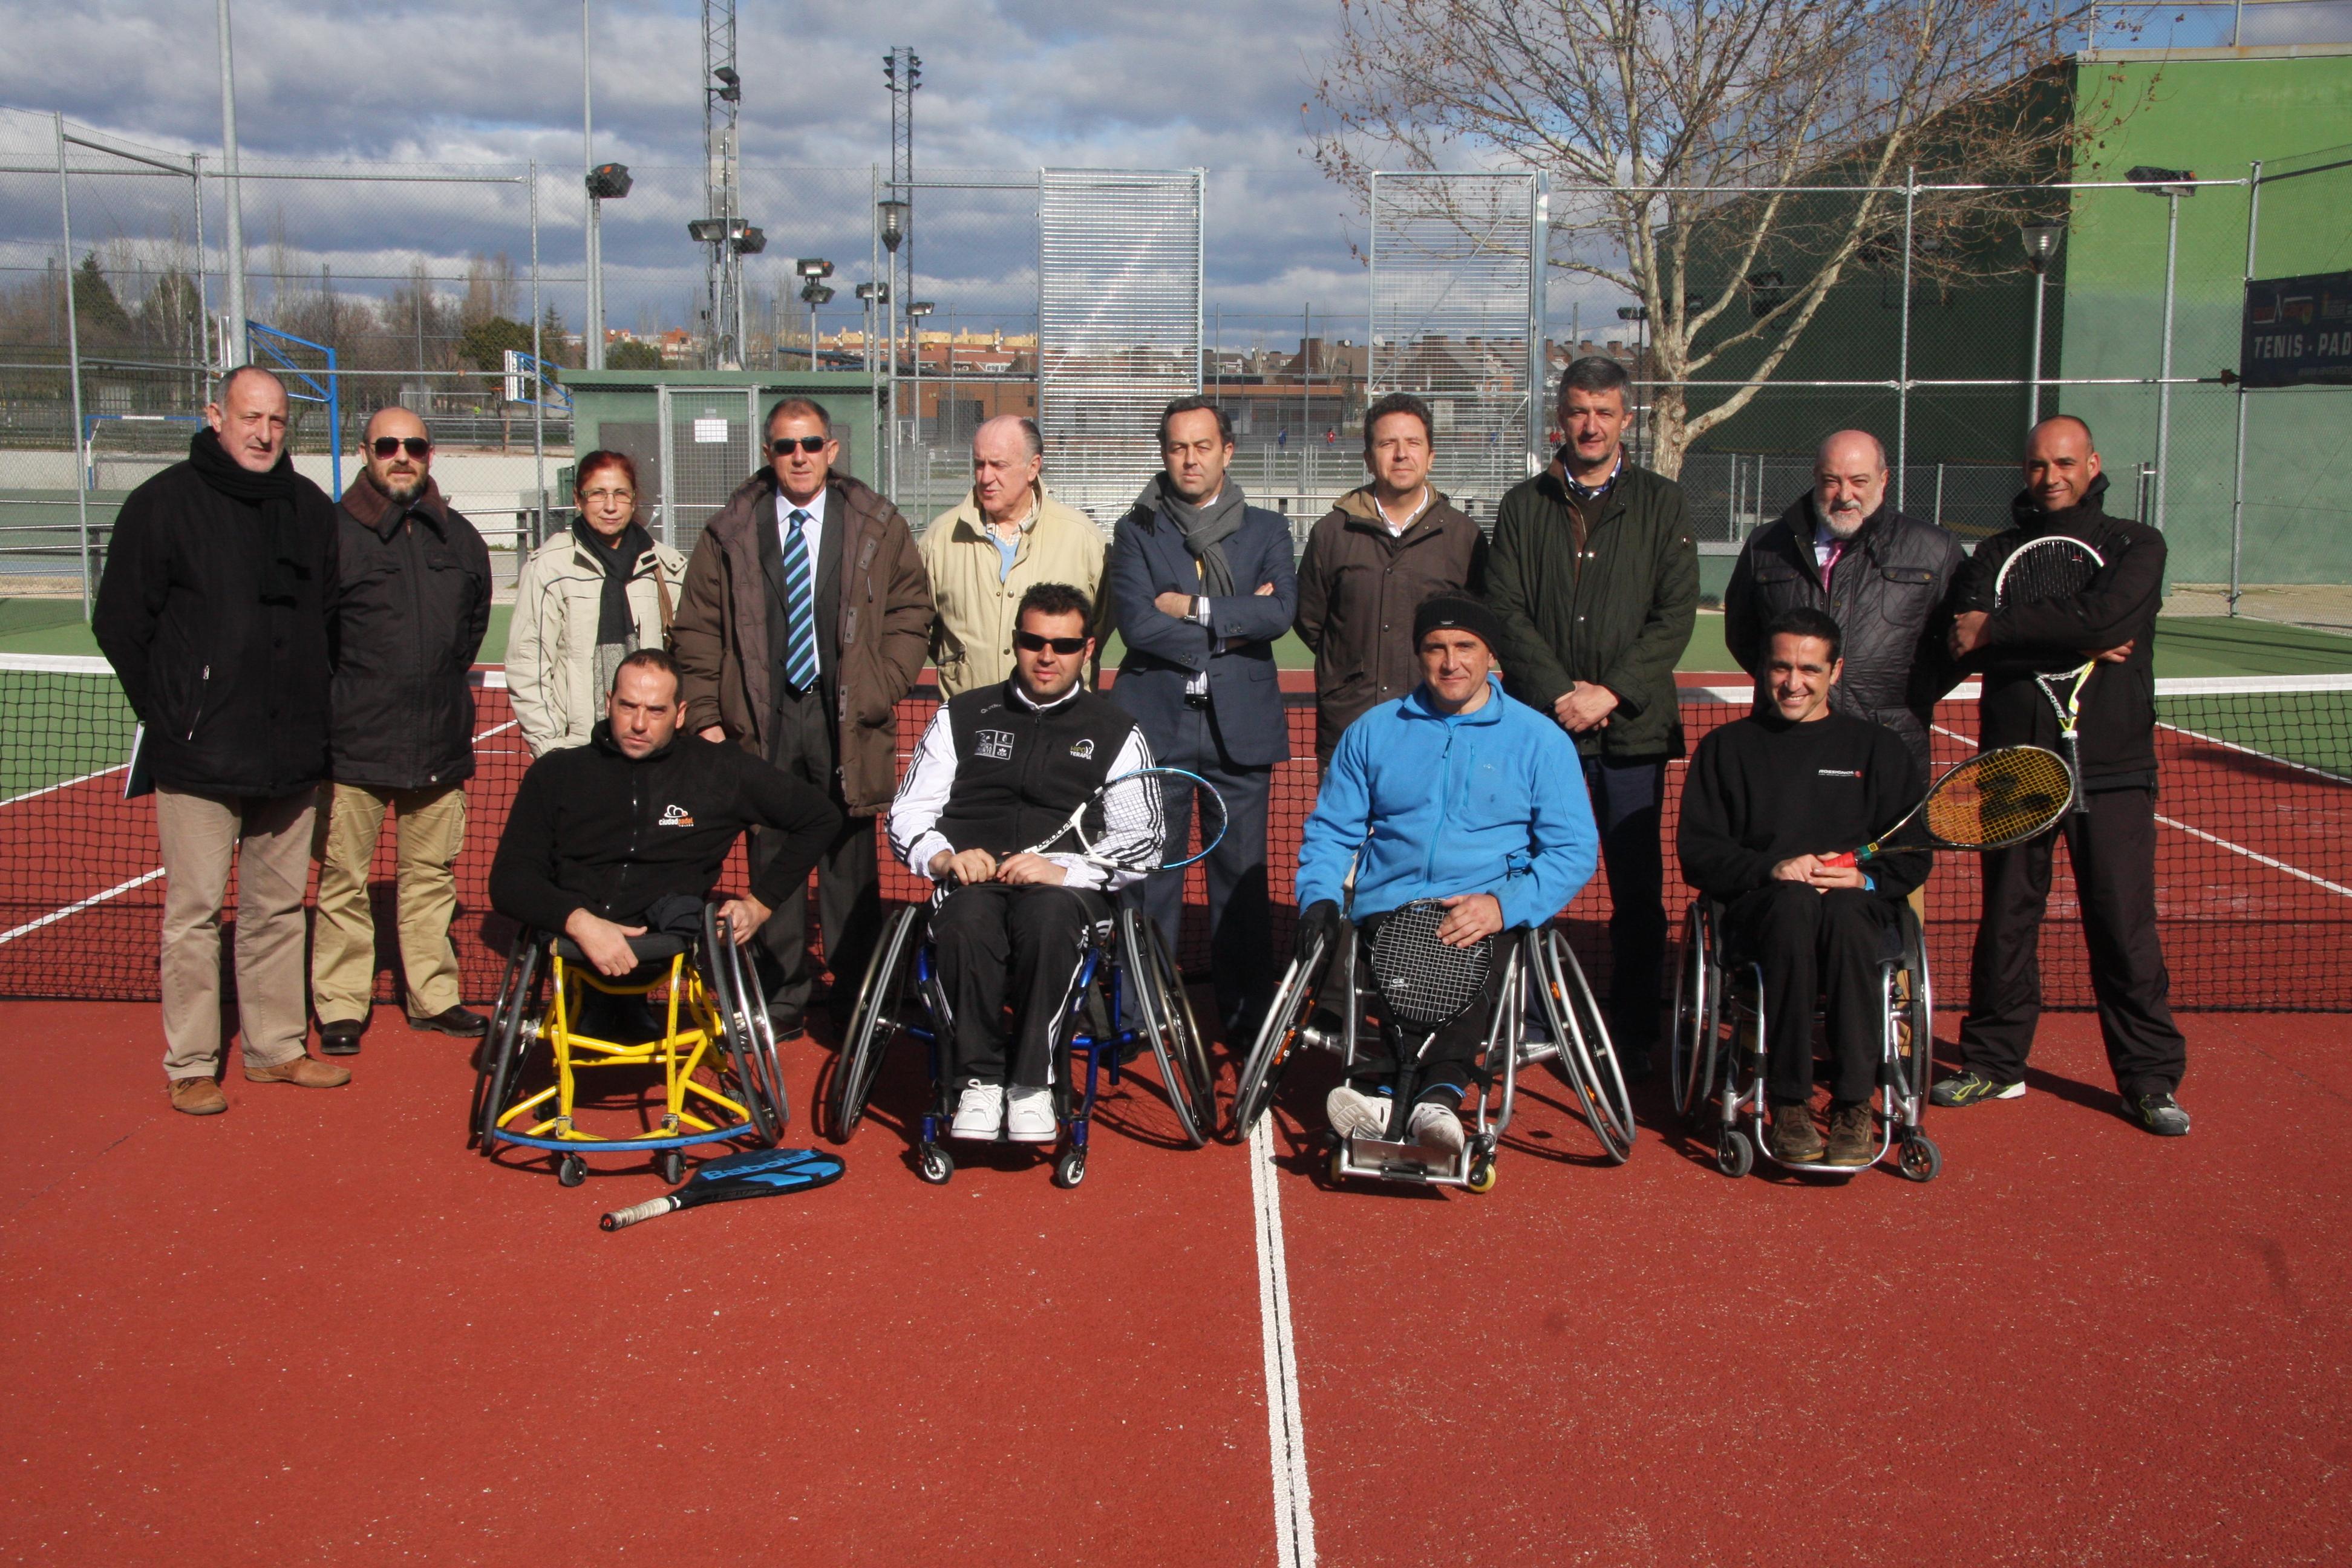 Se presenta la Escuela de Tenis en Silla de Ruedas de Getafe